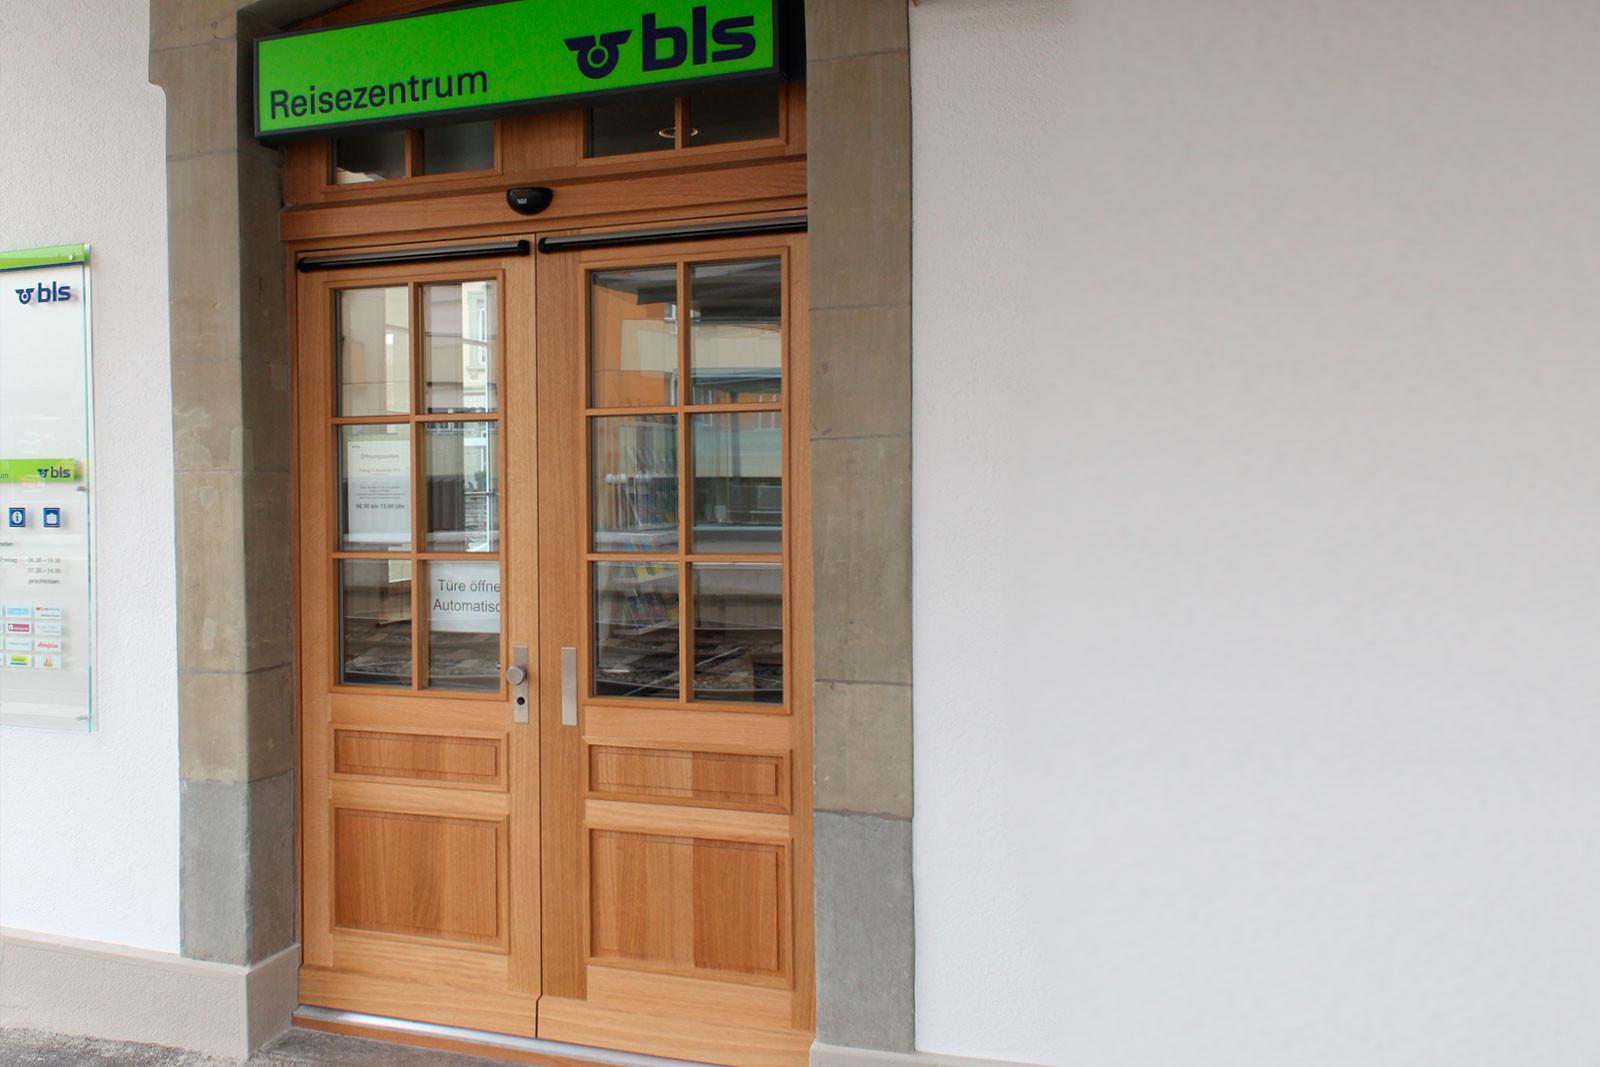 BLS Düdingen, Ehrenbold Schudel Architektur Bern